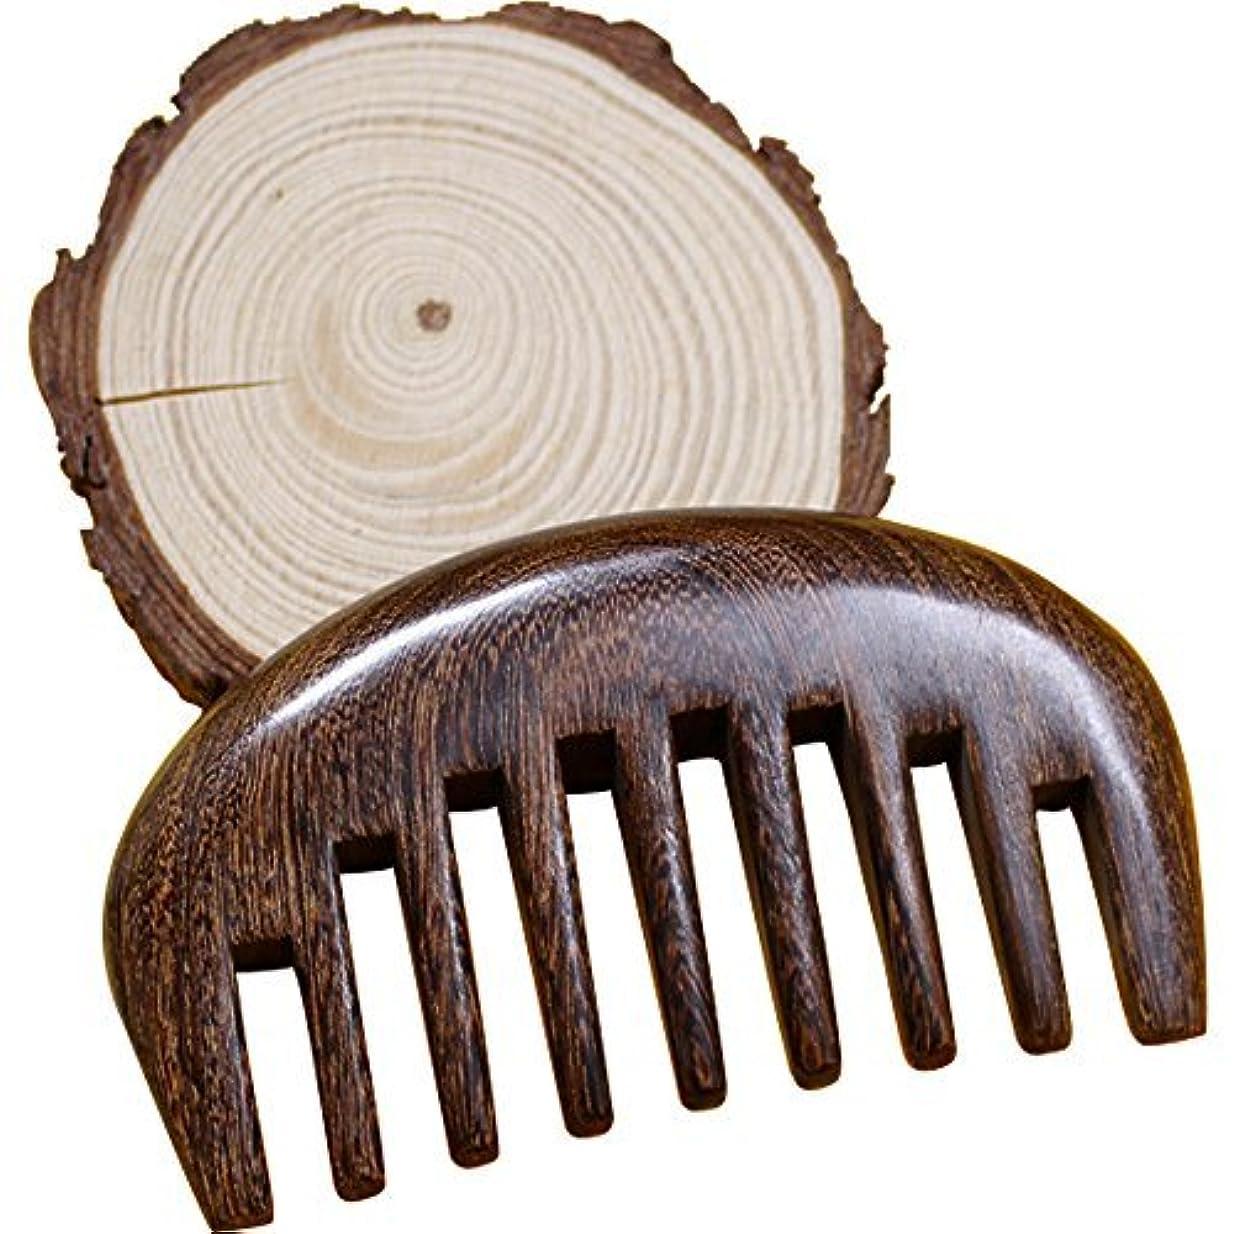 ペストリービタミン切るWood comb Wooden wide tooth hair comb detangler brush -Anti Static Sandalwood Scent handmad with gift package [並行輸入品]